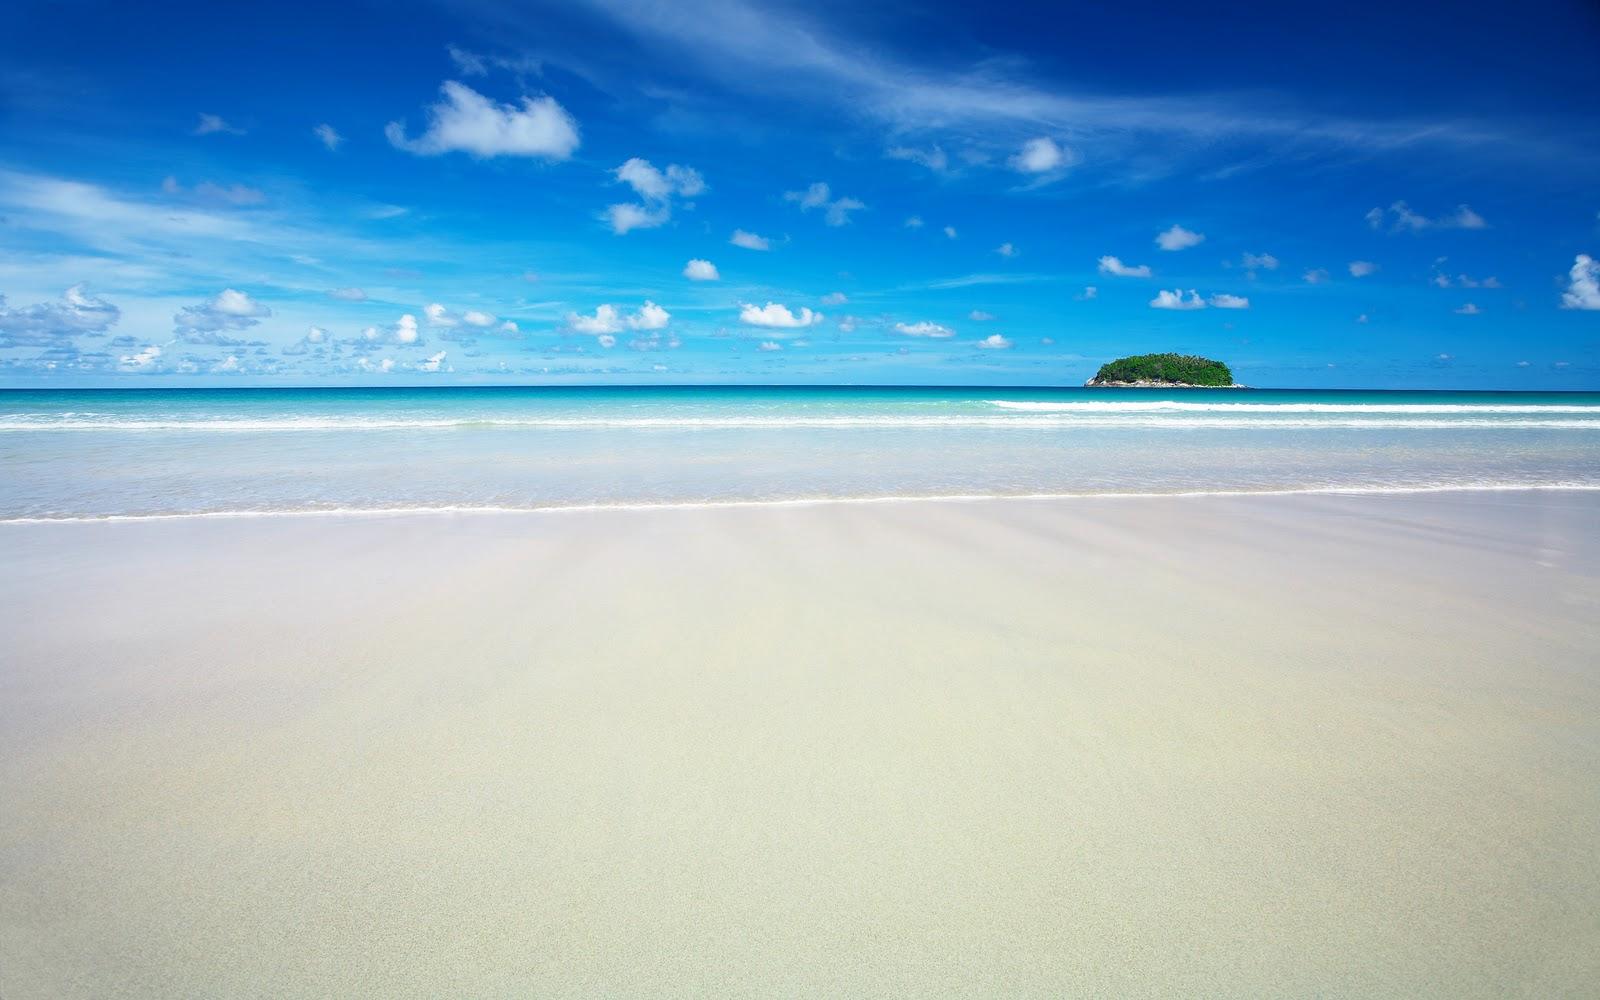 http://1.bp.blogspot.com/-uzRWFBzNb-E/Tx2hP46v9SI/AAAAAAAAAcg/r-n94o8oEVo/s1600/sea-wallpaper-sand-beach-paradise.jpg